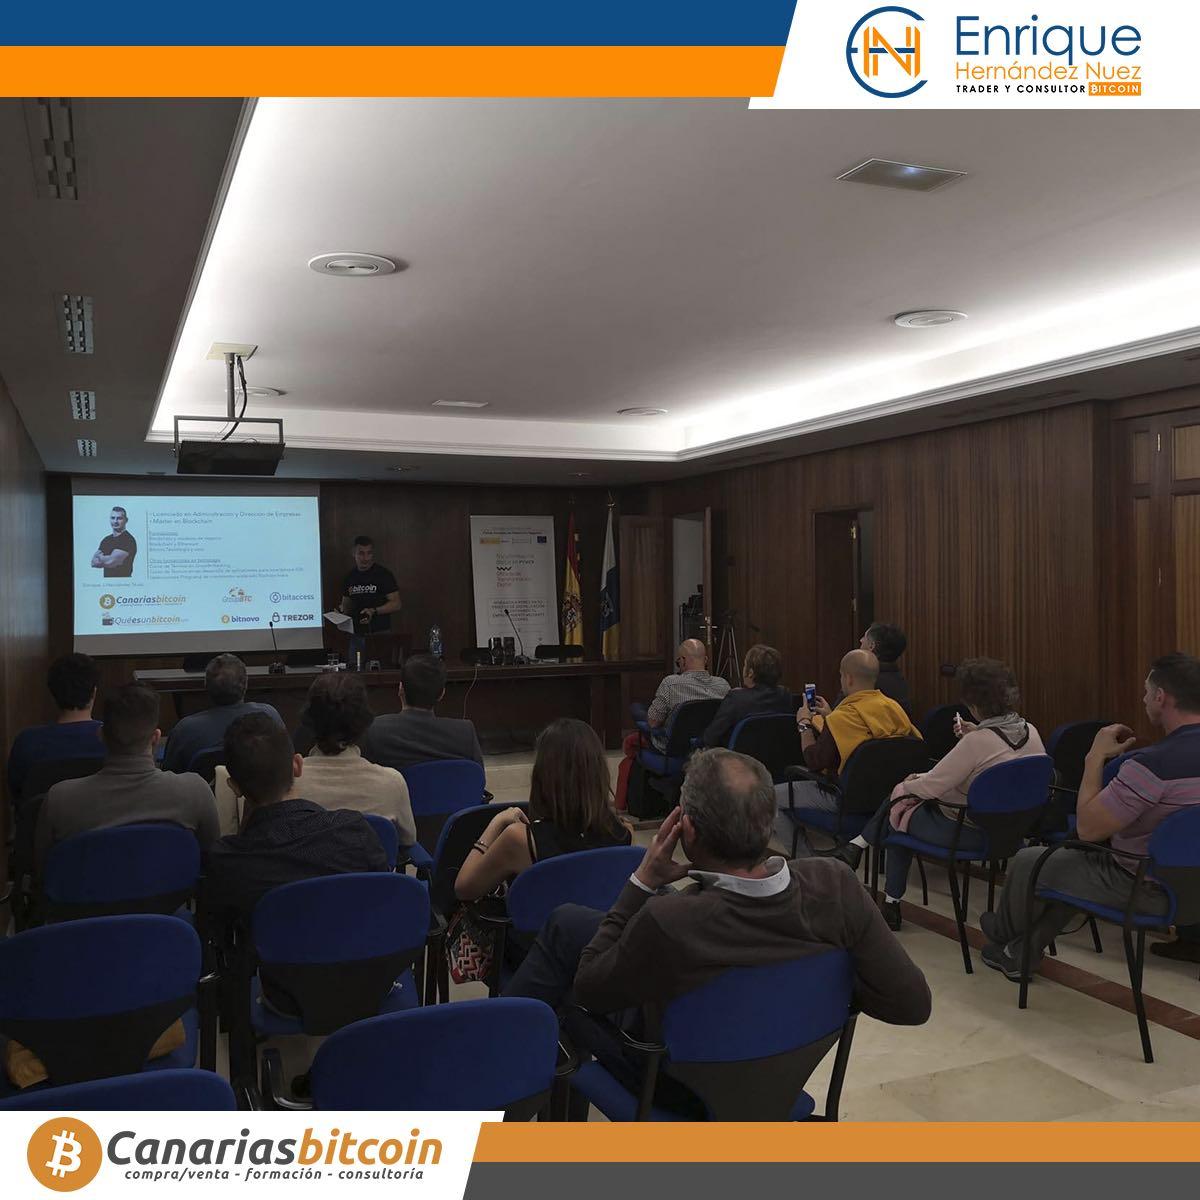 Seminario sobre Bitcoin y Blockchain para red es ministerio tecnología de España